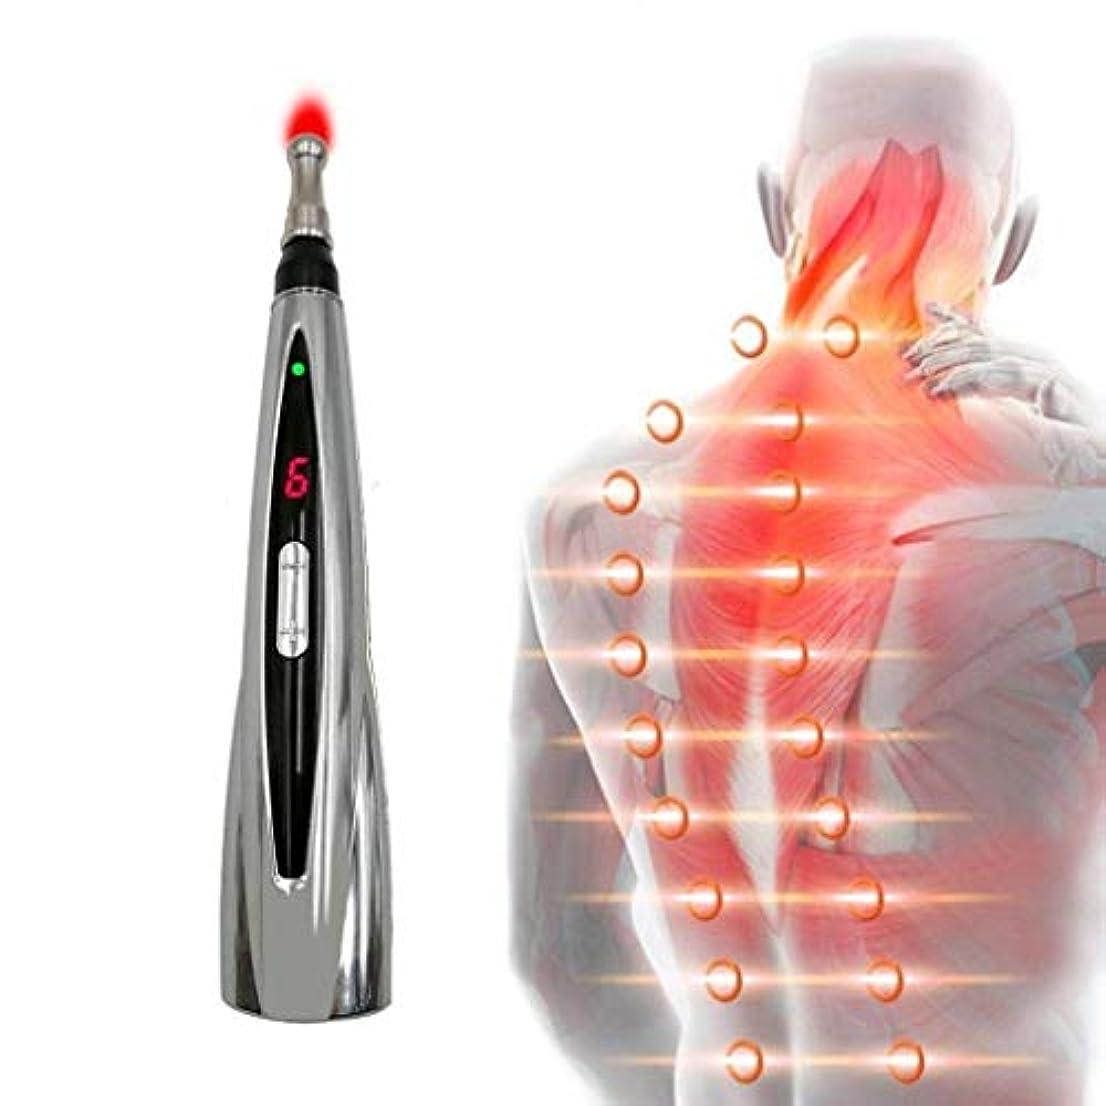 そして懲戒承認経絡ペン、電気鍼ツボペンは痛みを和らげることができ、体の首と首に適した電子経絡エネルギーペンマッサージを扱います